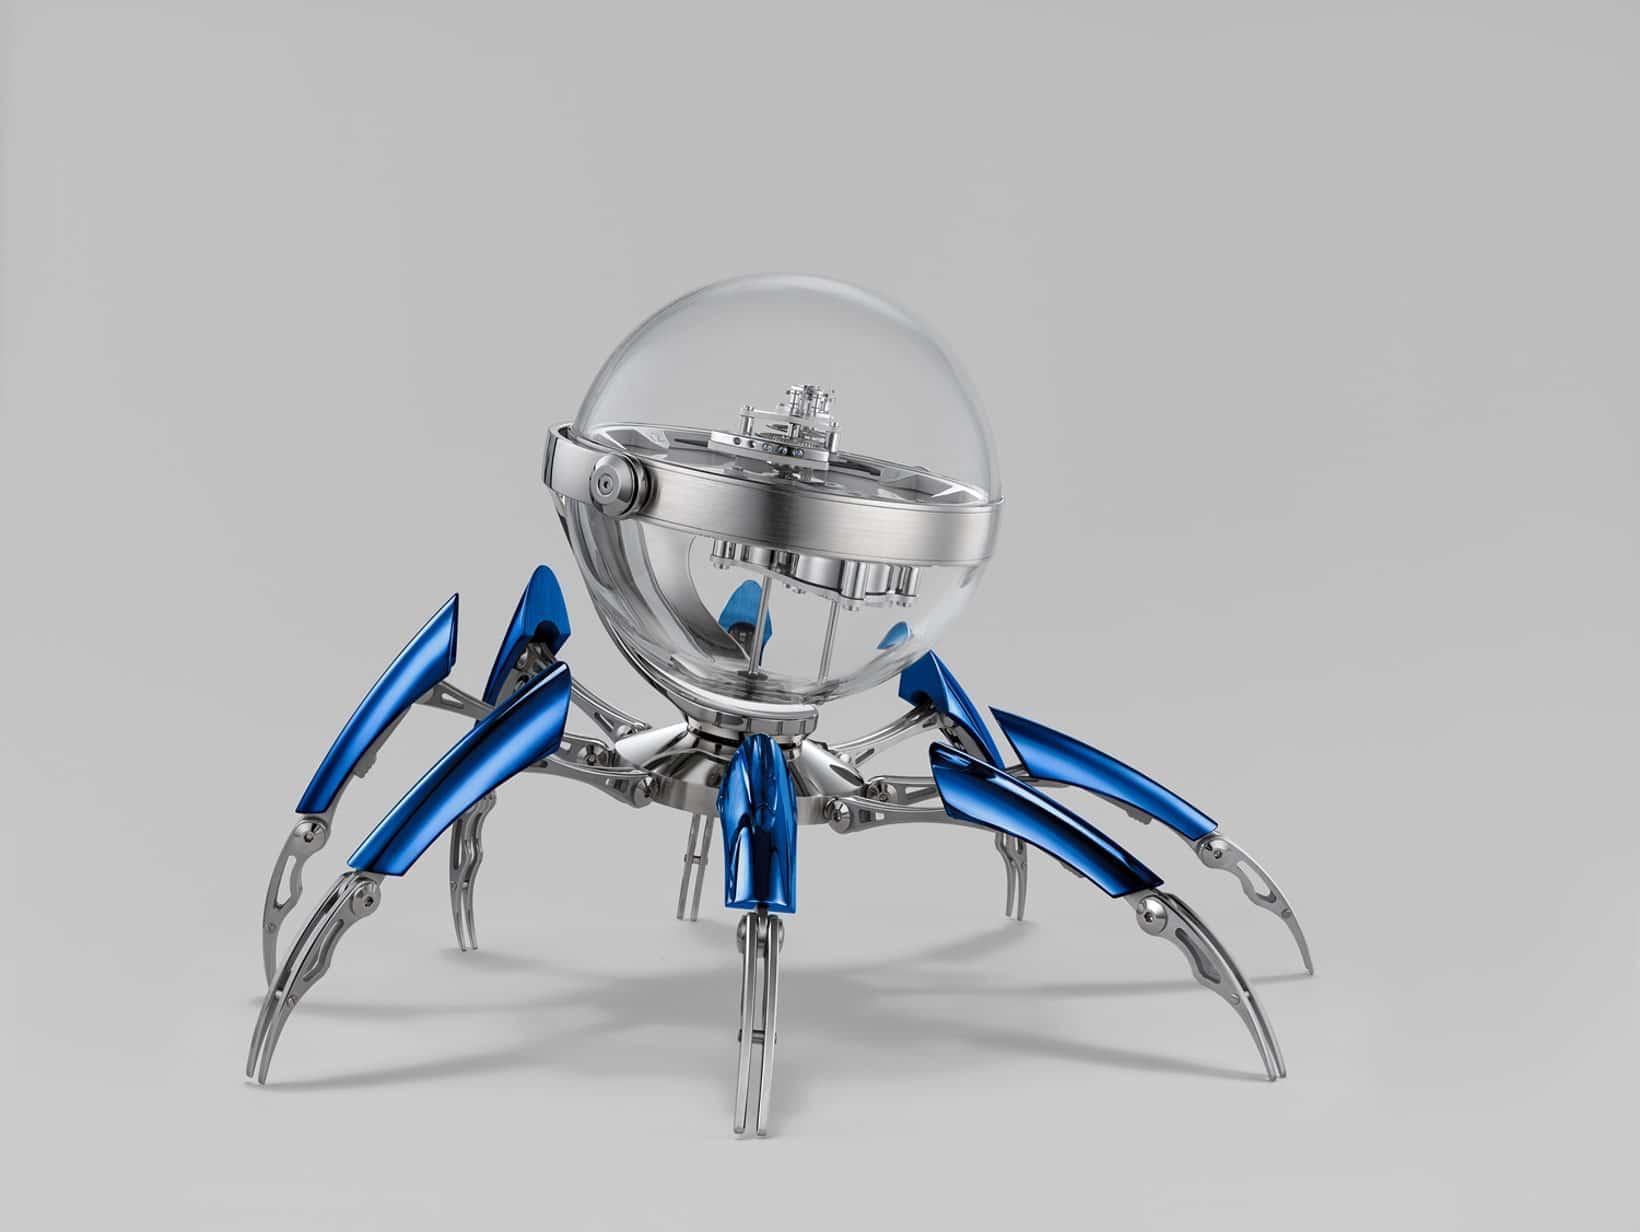 Octopod: Dieser mechanische Oktopus kostet über 30.000 Euro!